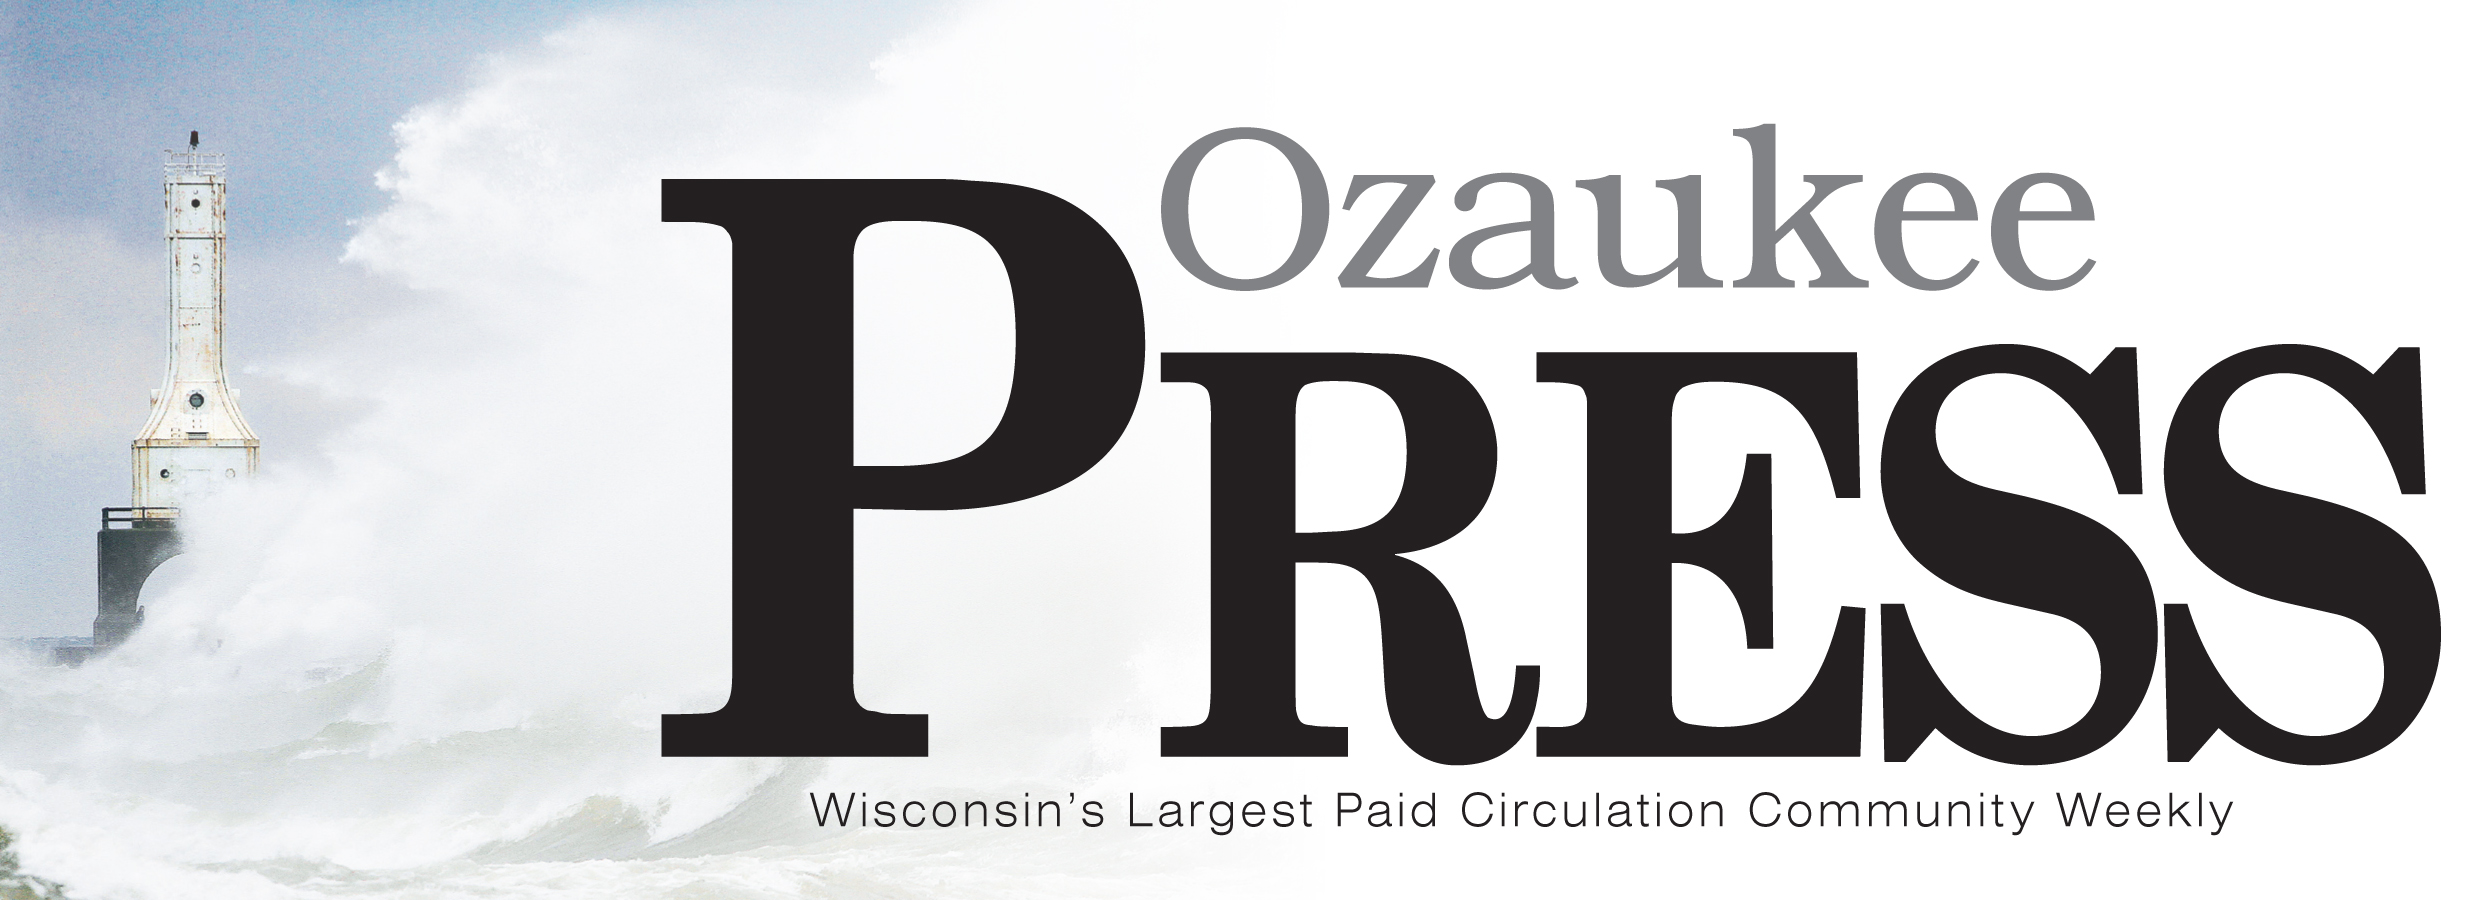 Ozaukee Press